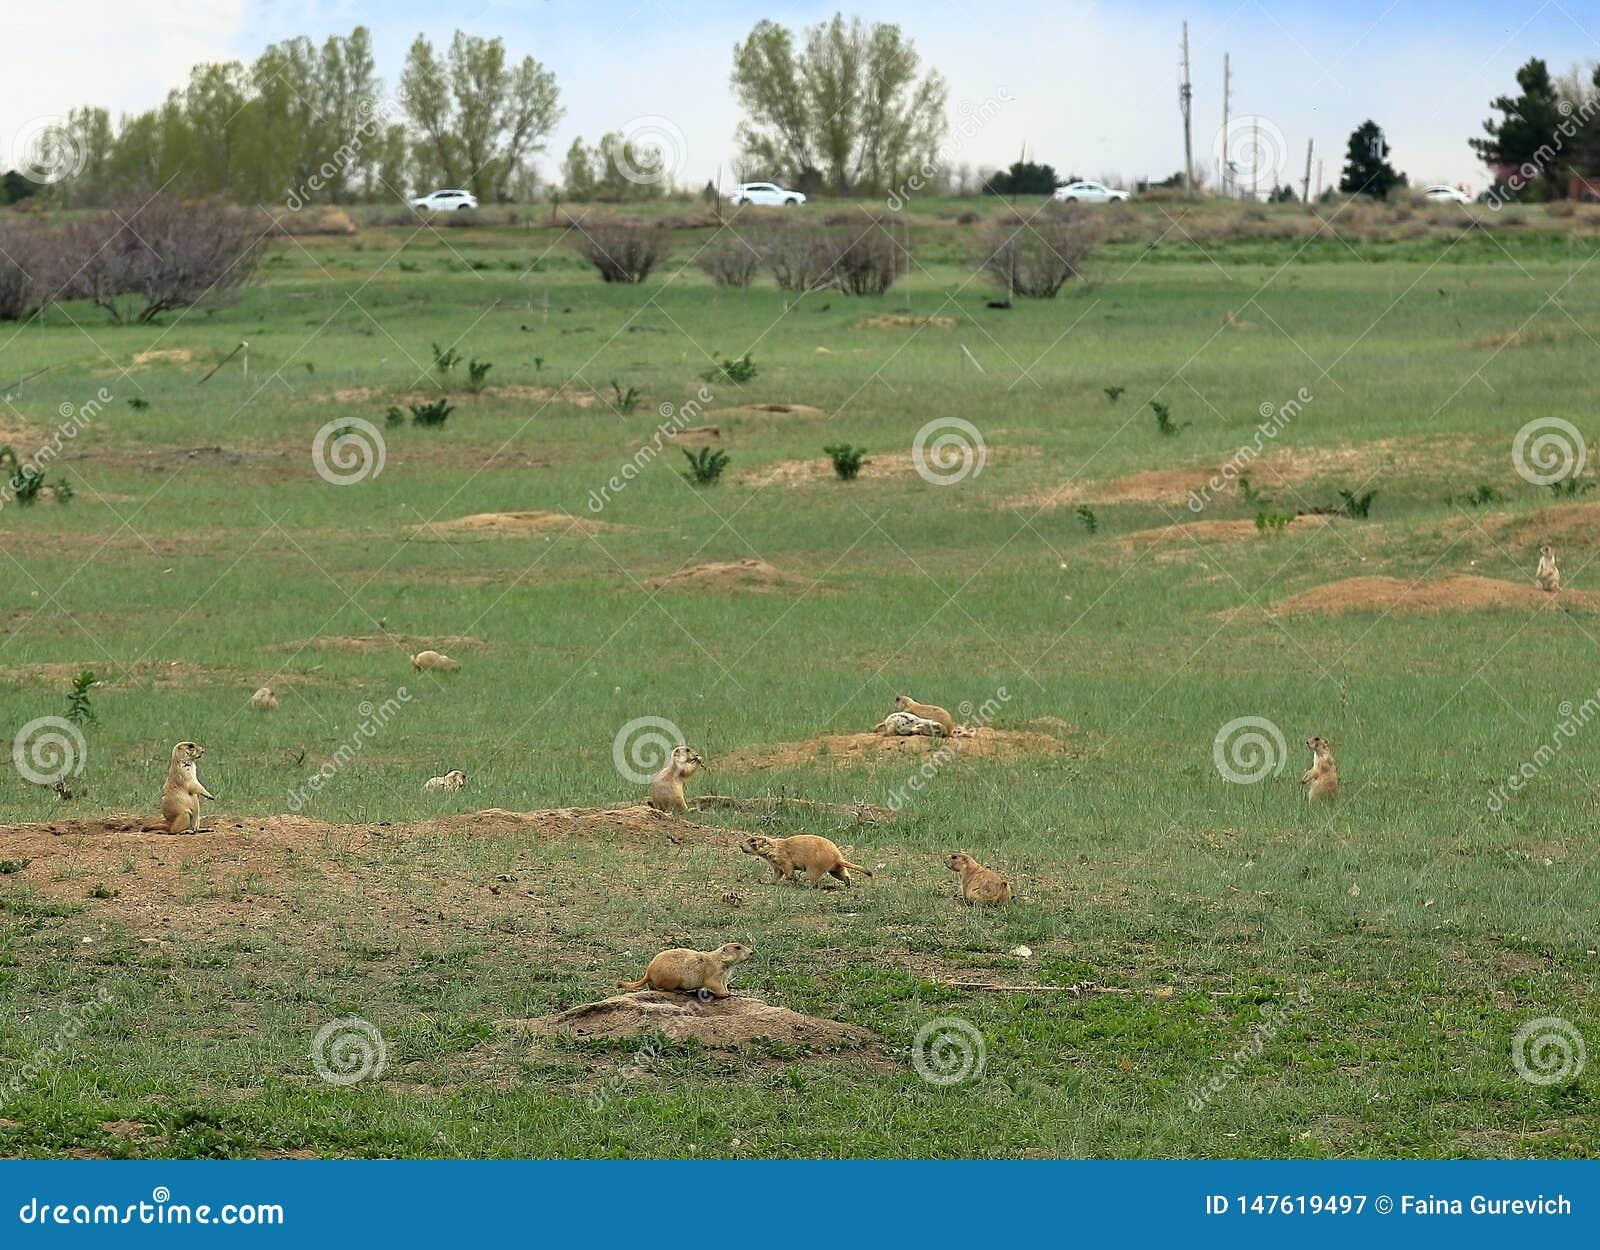 Αποικία σκυλιών λιβαδιών στο κρατικό πάρκο κολπίσκου κερασιών